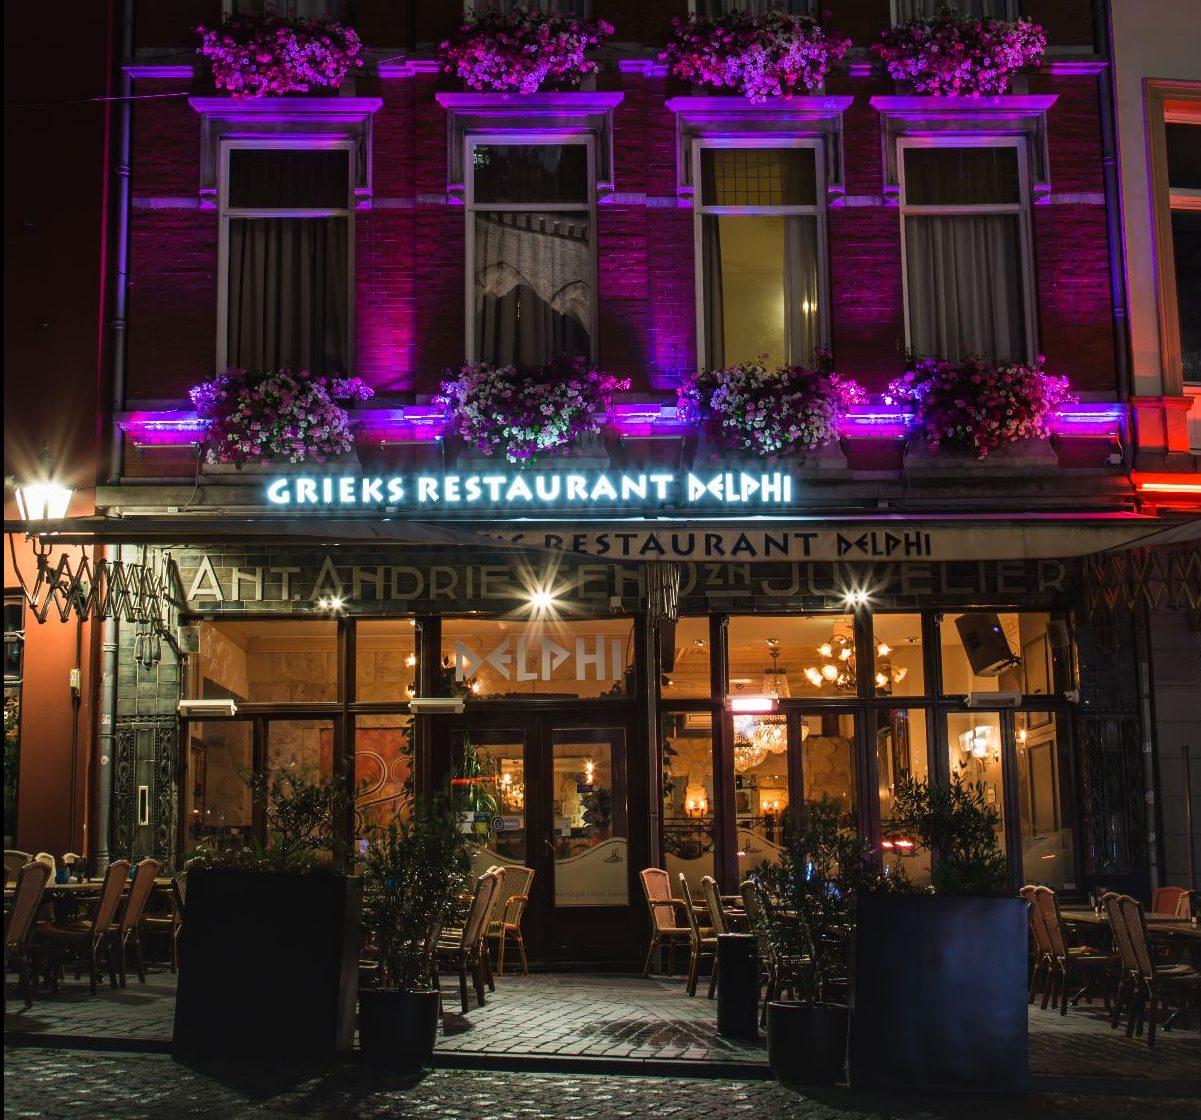 grieks-restaurant-delphi-bergen-op-zoom-bij-nacht